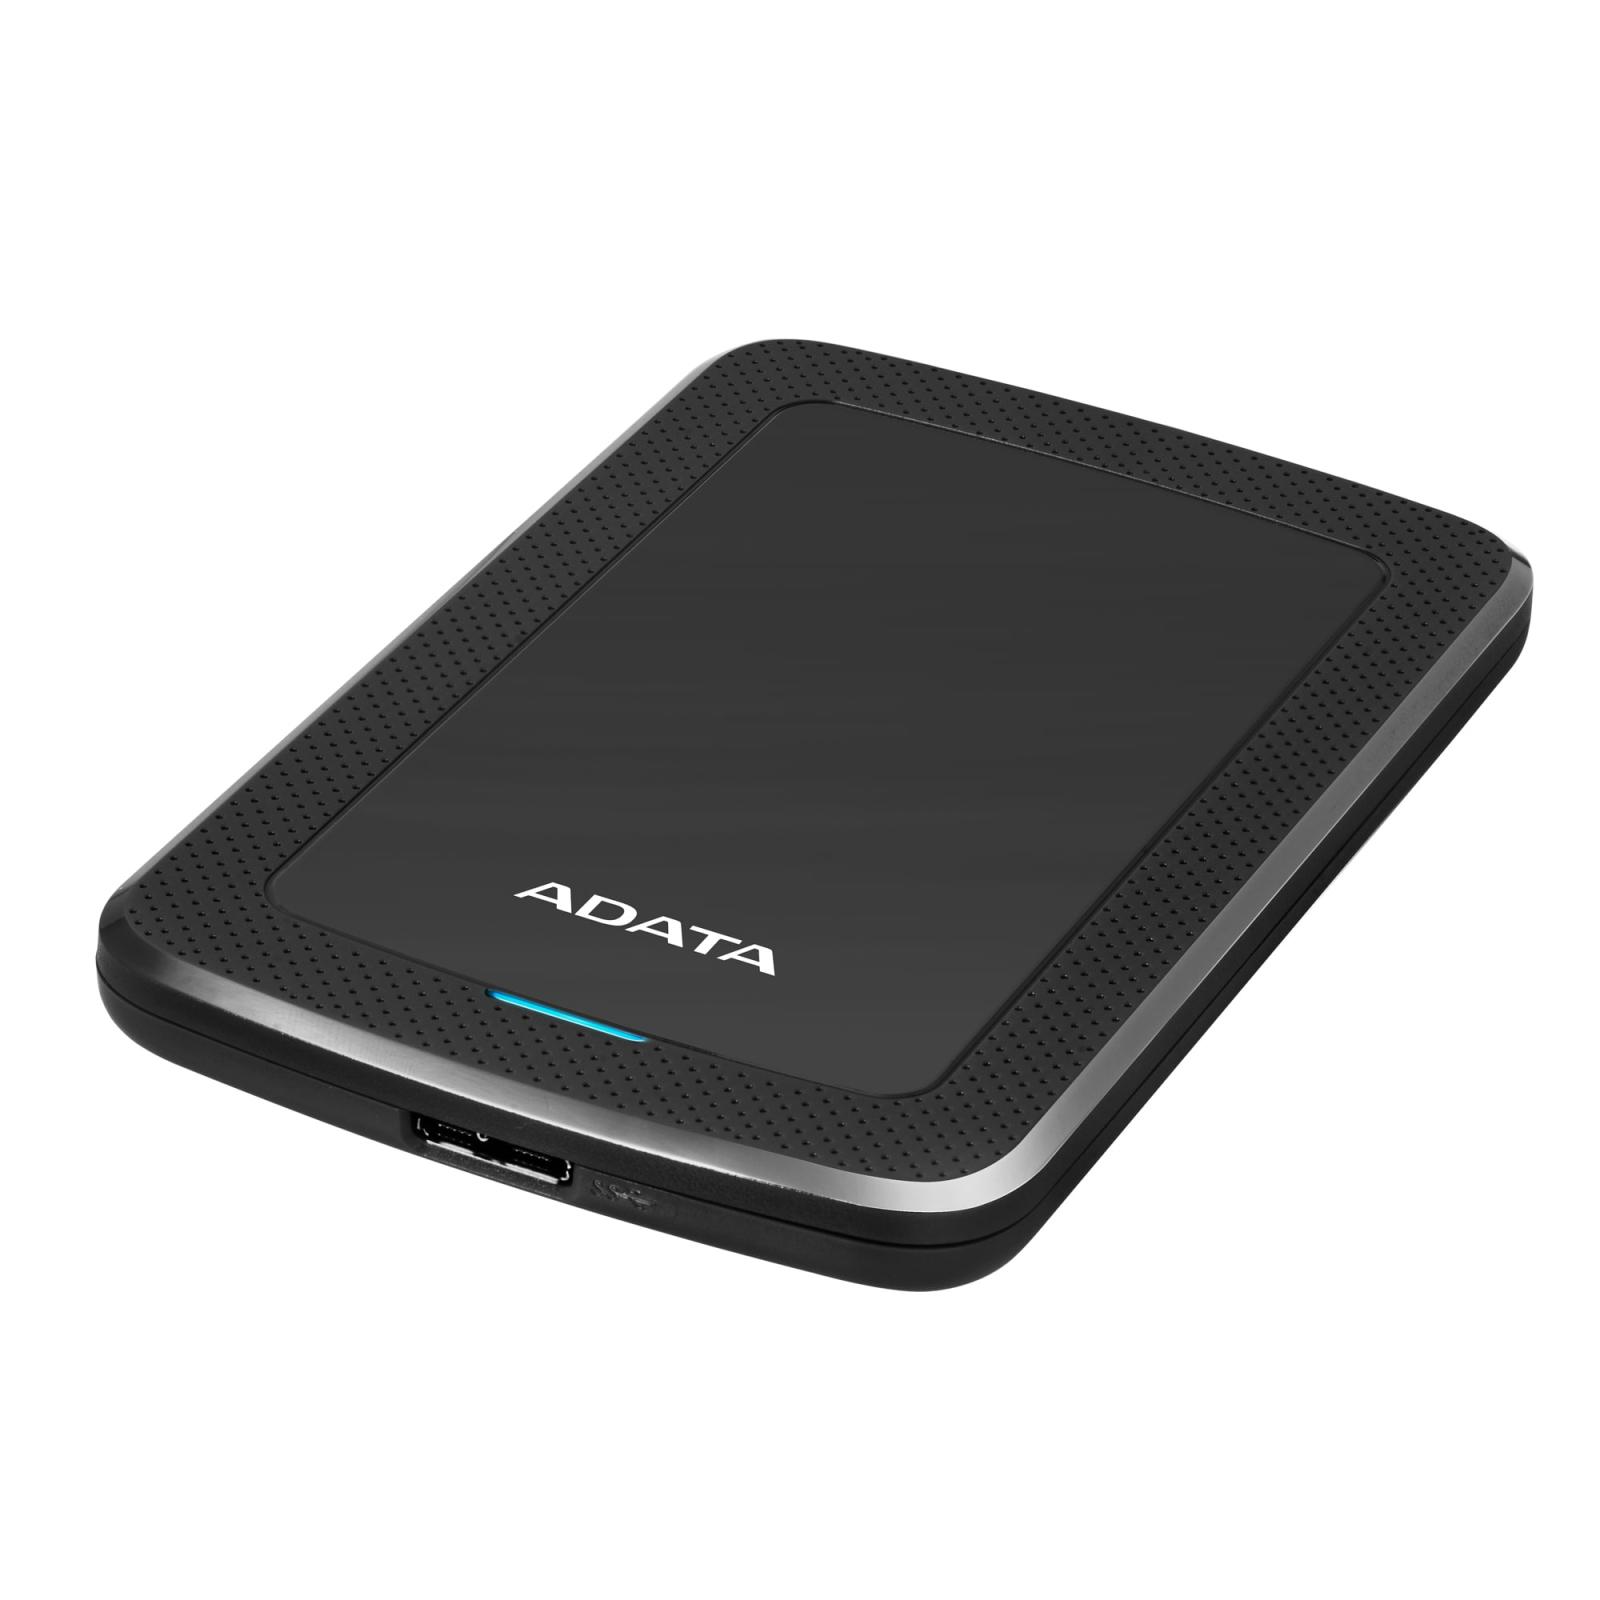 """Внешний жесткий диск 2.5"""" 5TB ADATA (AHV300-5TU31-CRD) изображение 3"""